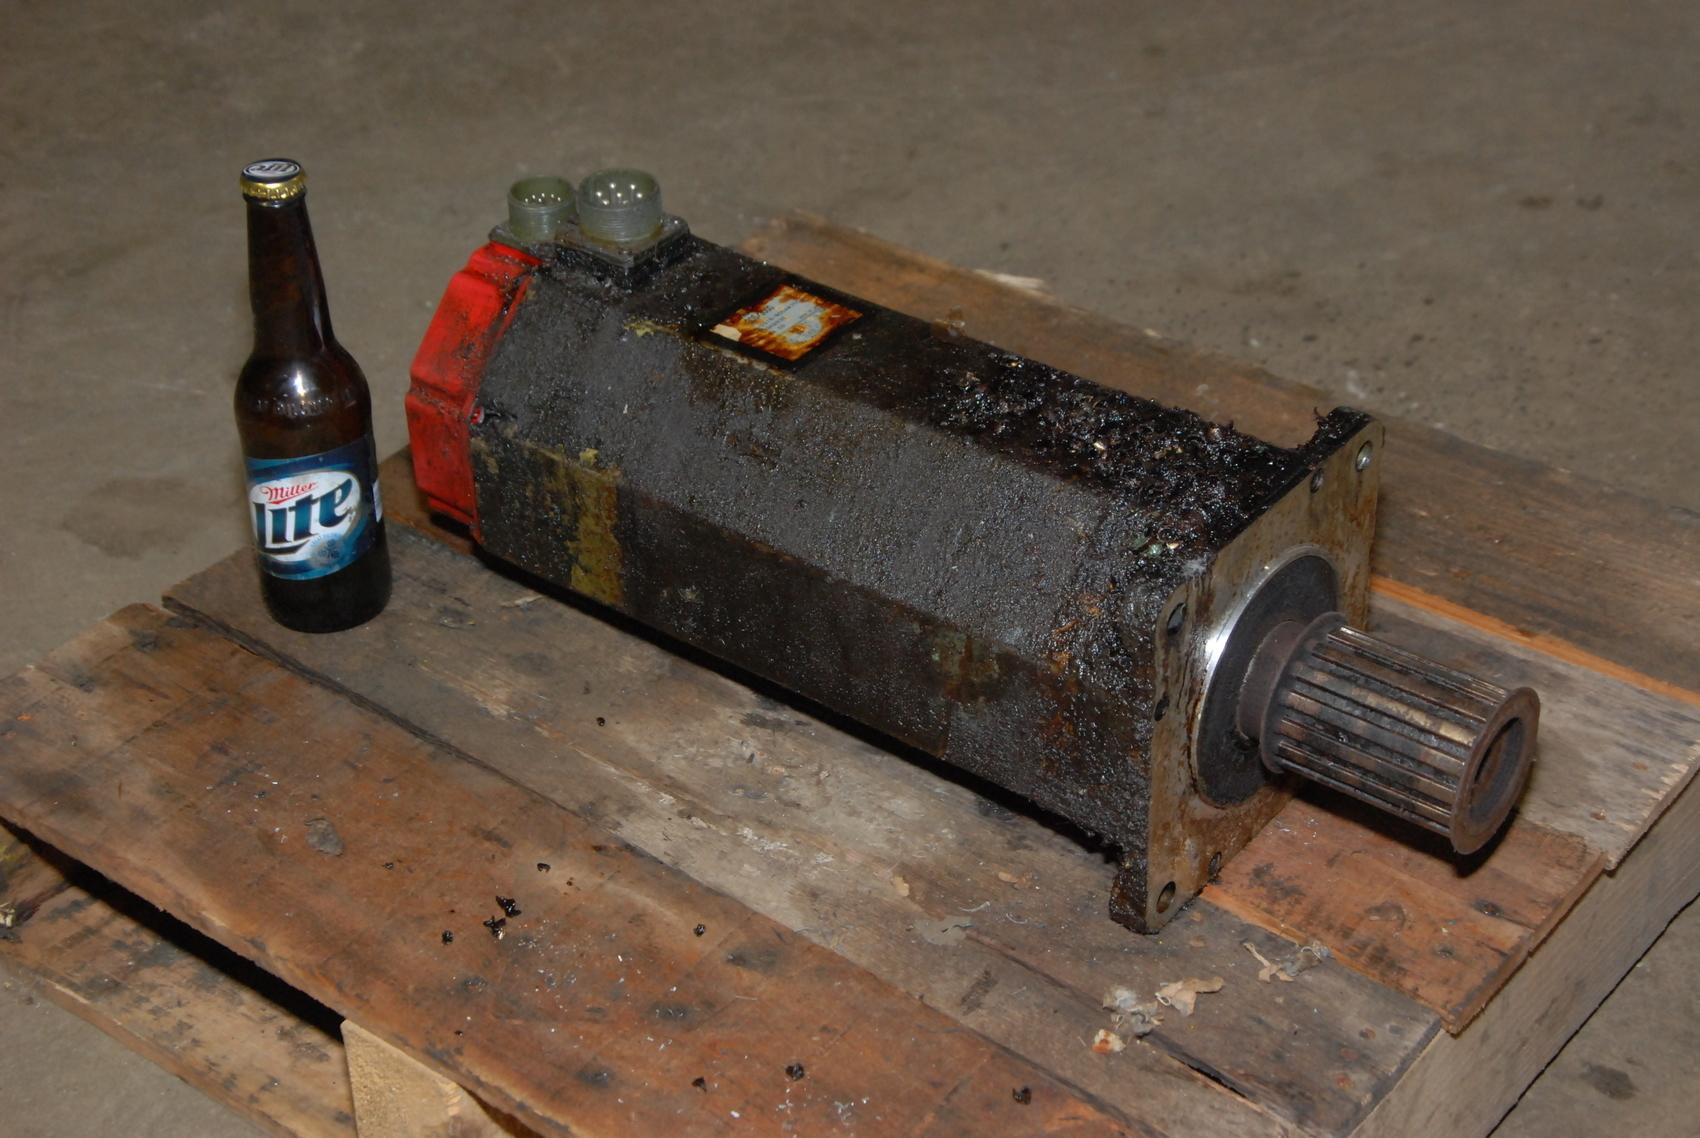 Fanuc red cap ac servo motor a06b-0319-b004